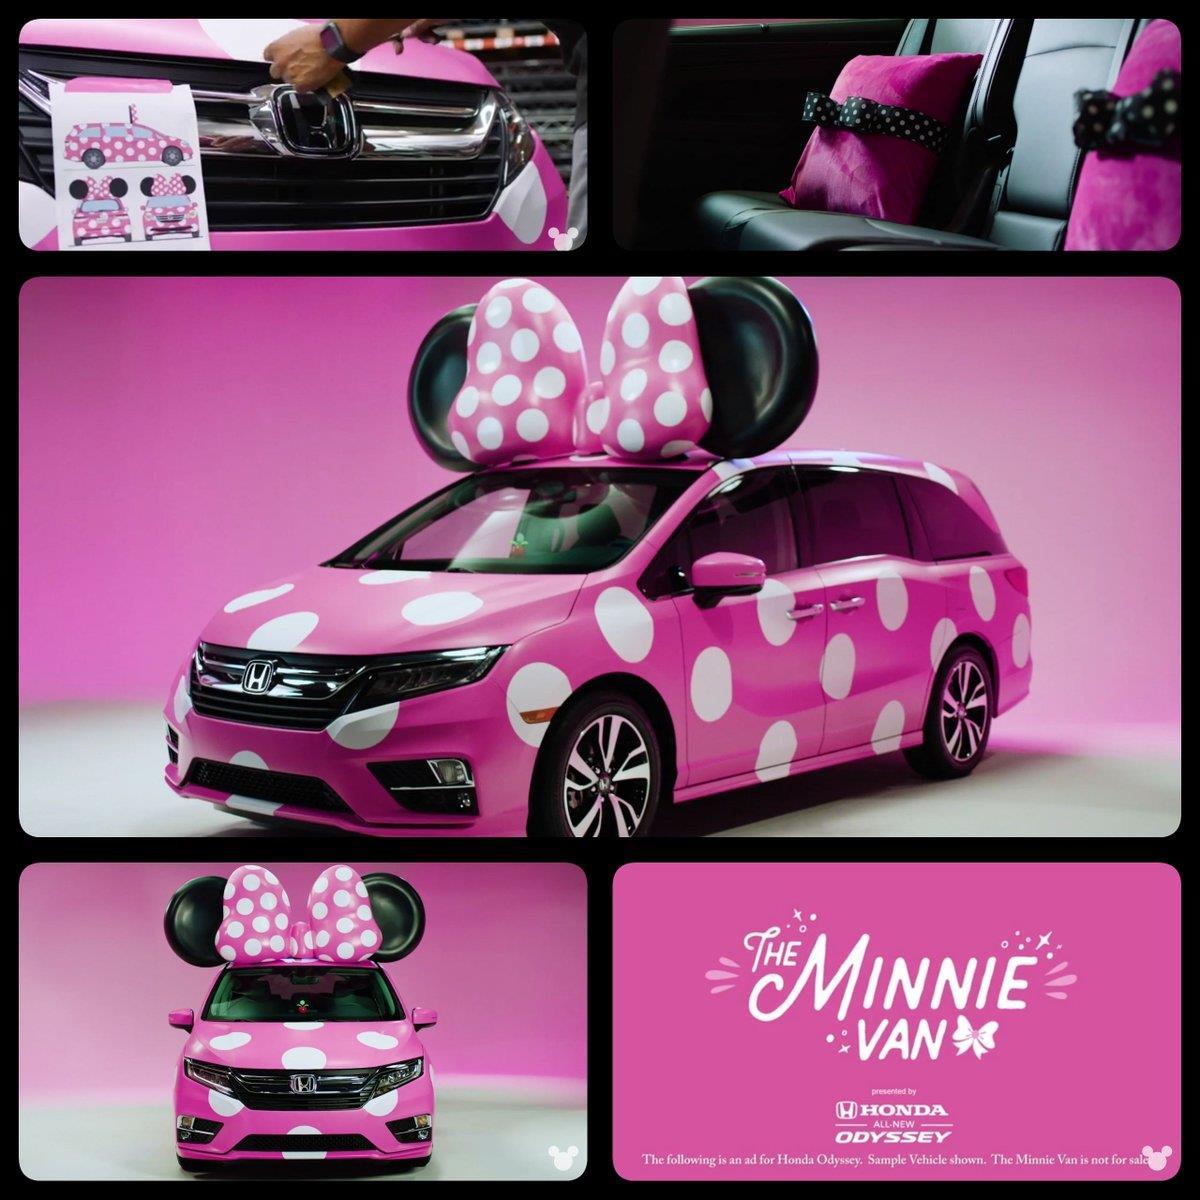 La Minnie Van analizzata da più puntidi vista